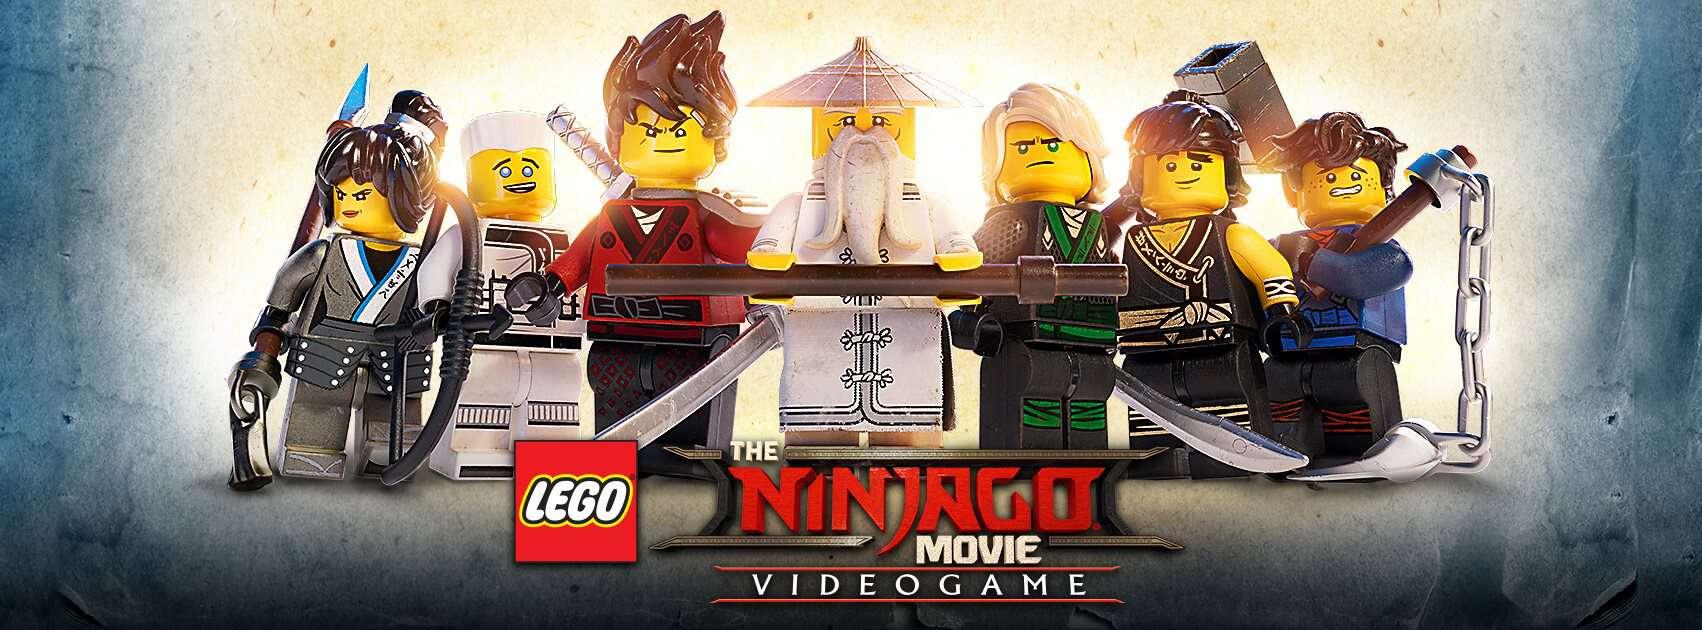 LEGO, Microsoft, Windows 10, Xbox One, Xbox